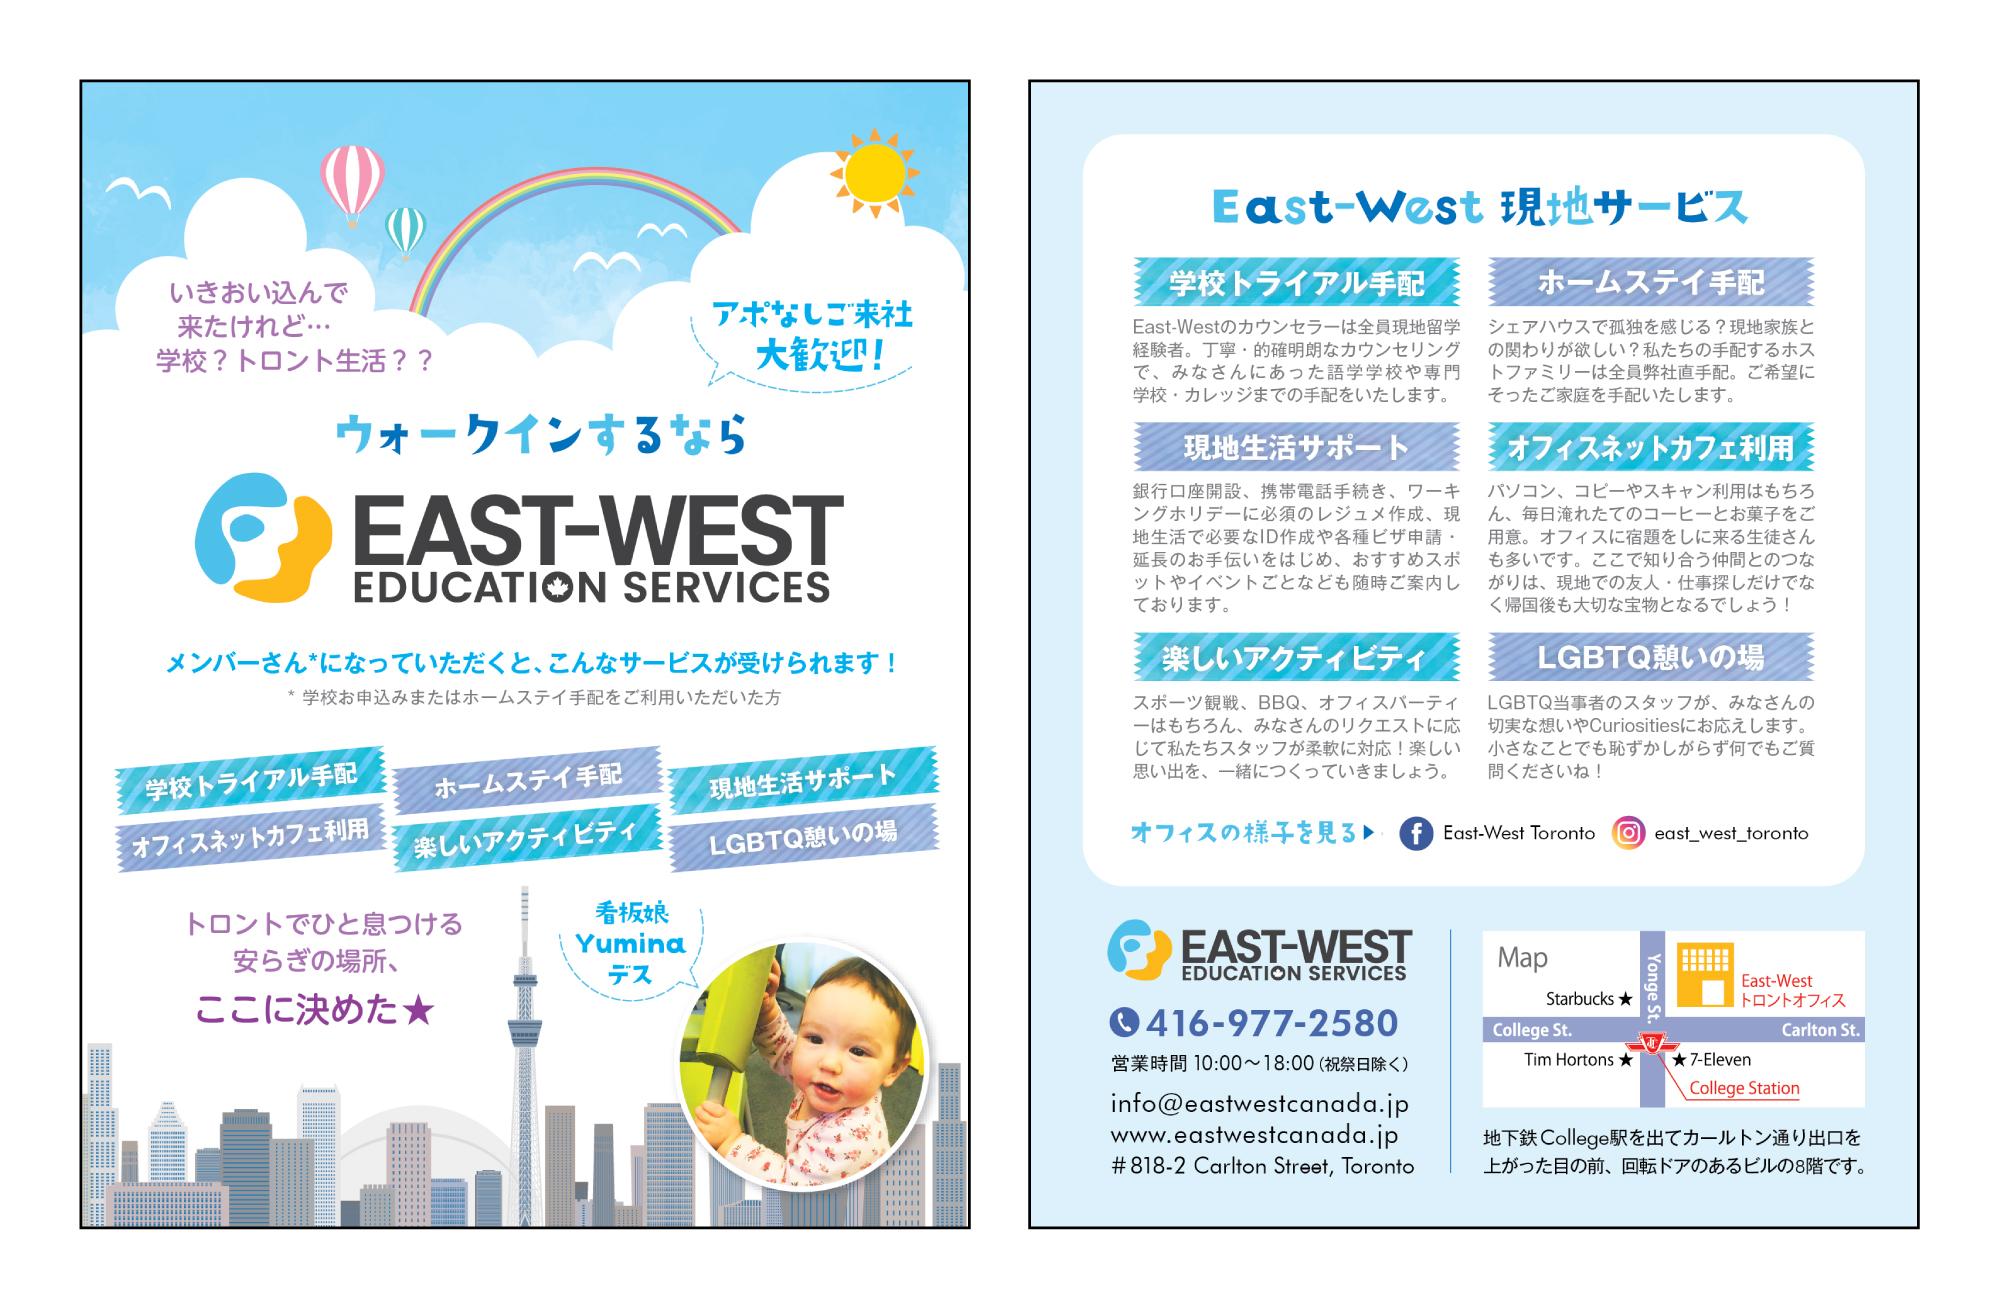 得意」をもって!海外生活を大いに楽しむコツ☆ | East-Westカナダ留学 ...